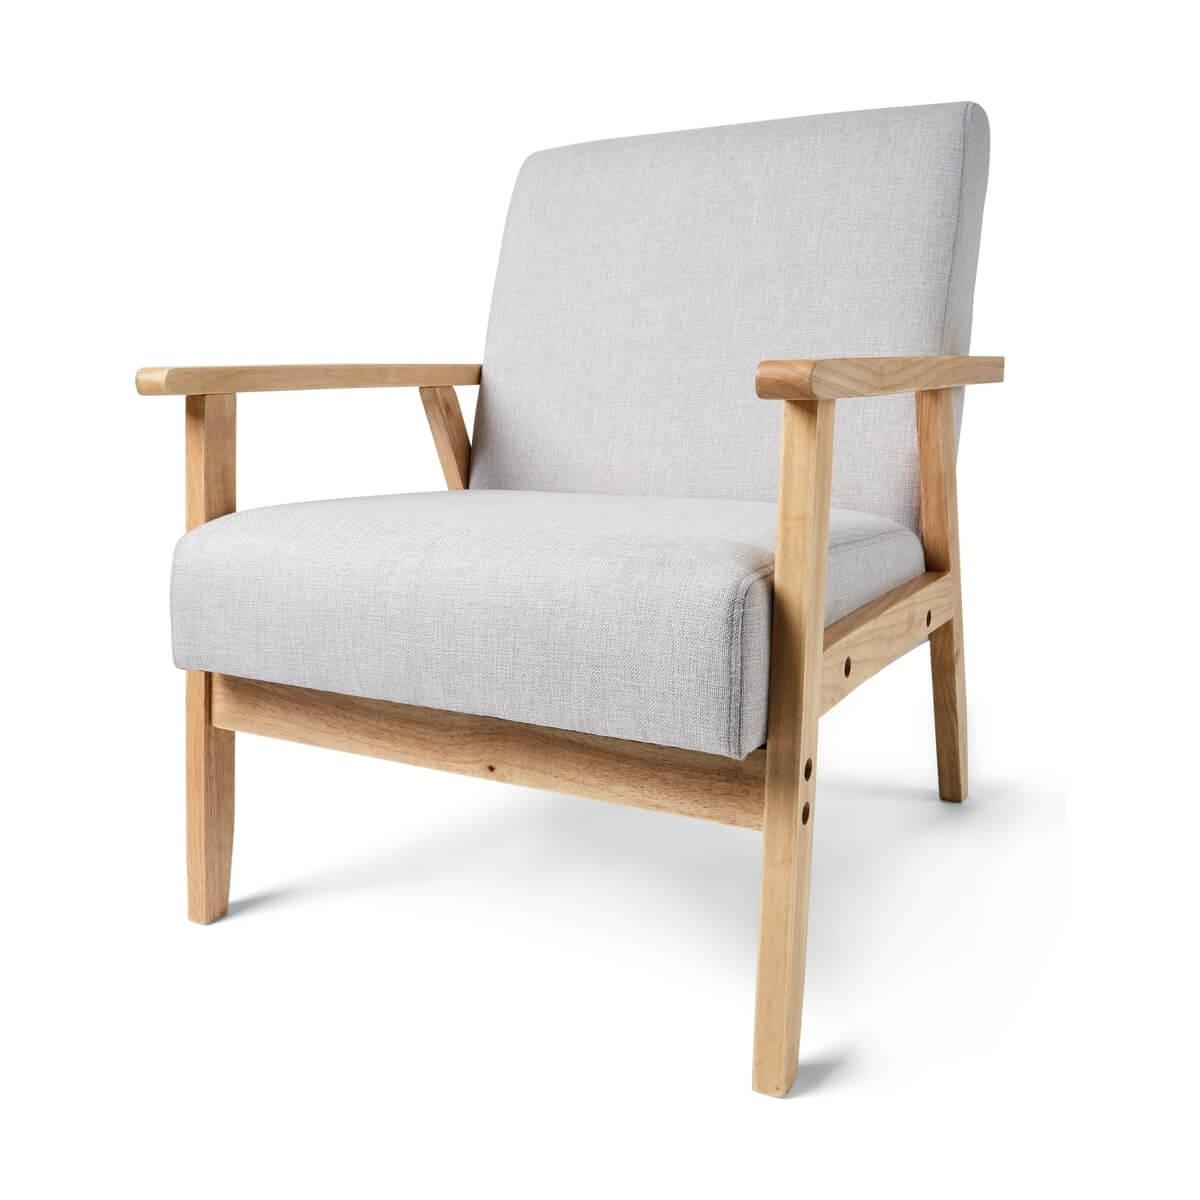 Upholstered Timber Chair Kmart.jpg